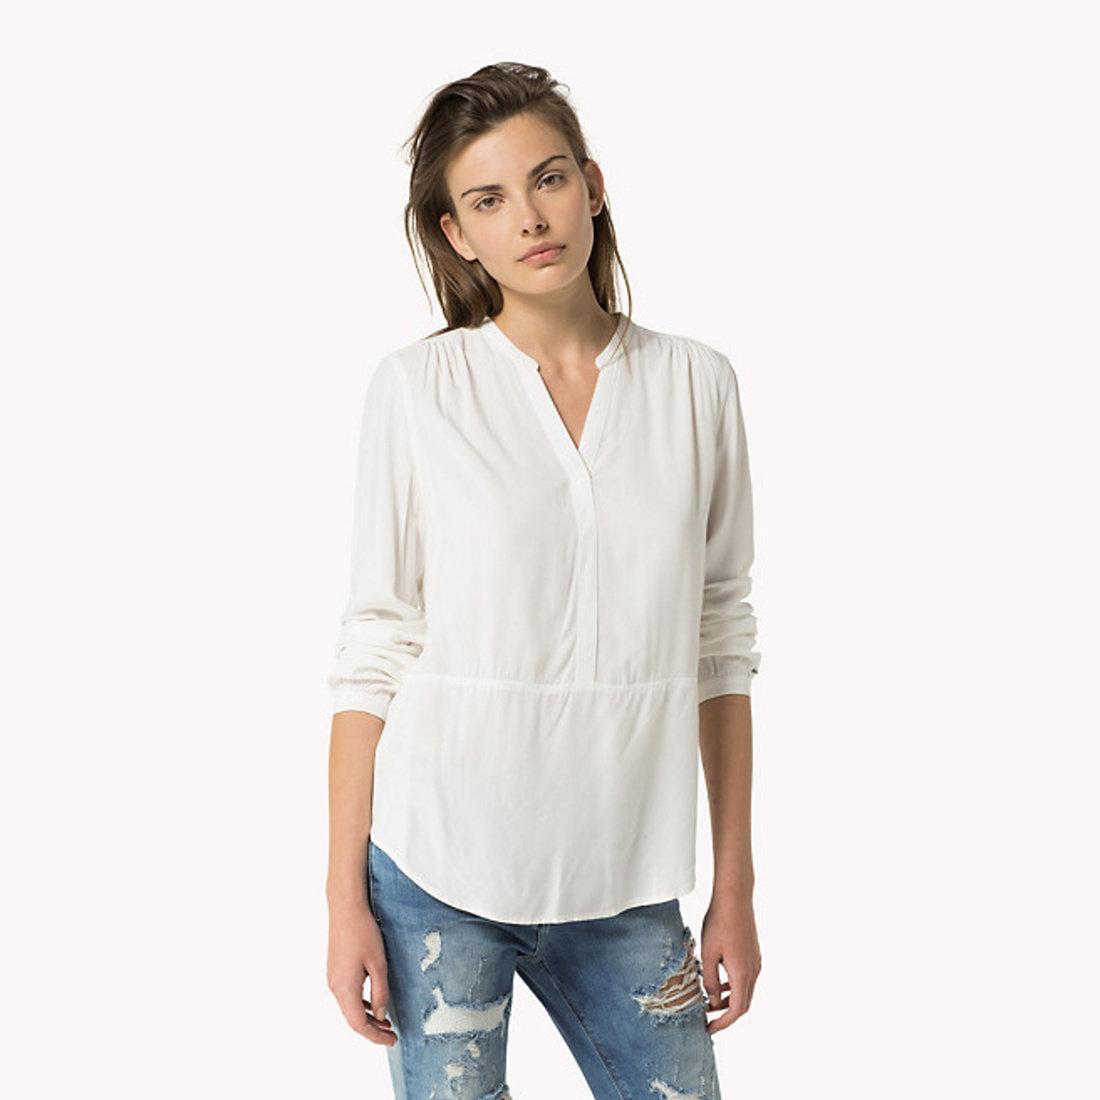 60a4662aab Tommy Hilfiger dámska biela blúzka Basic - Glami.sk